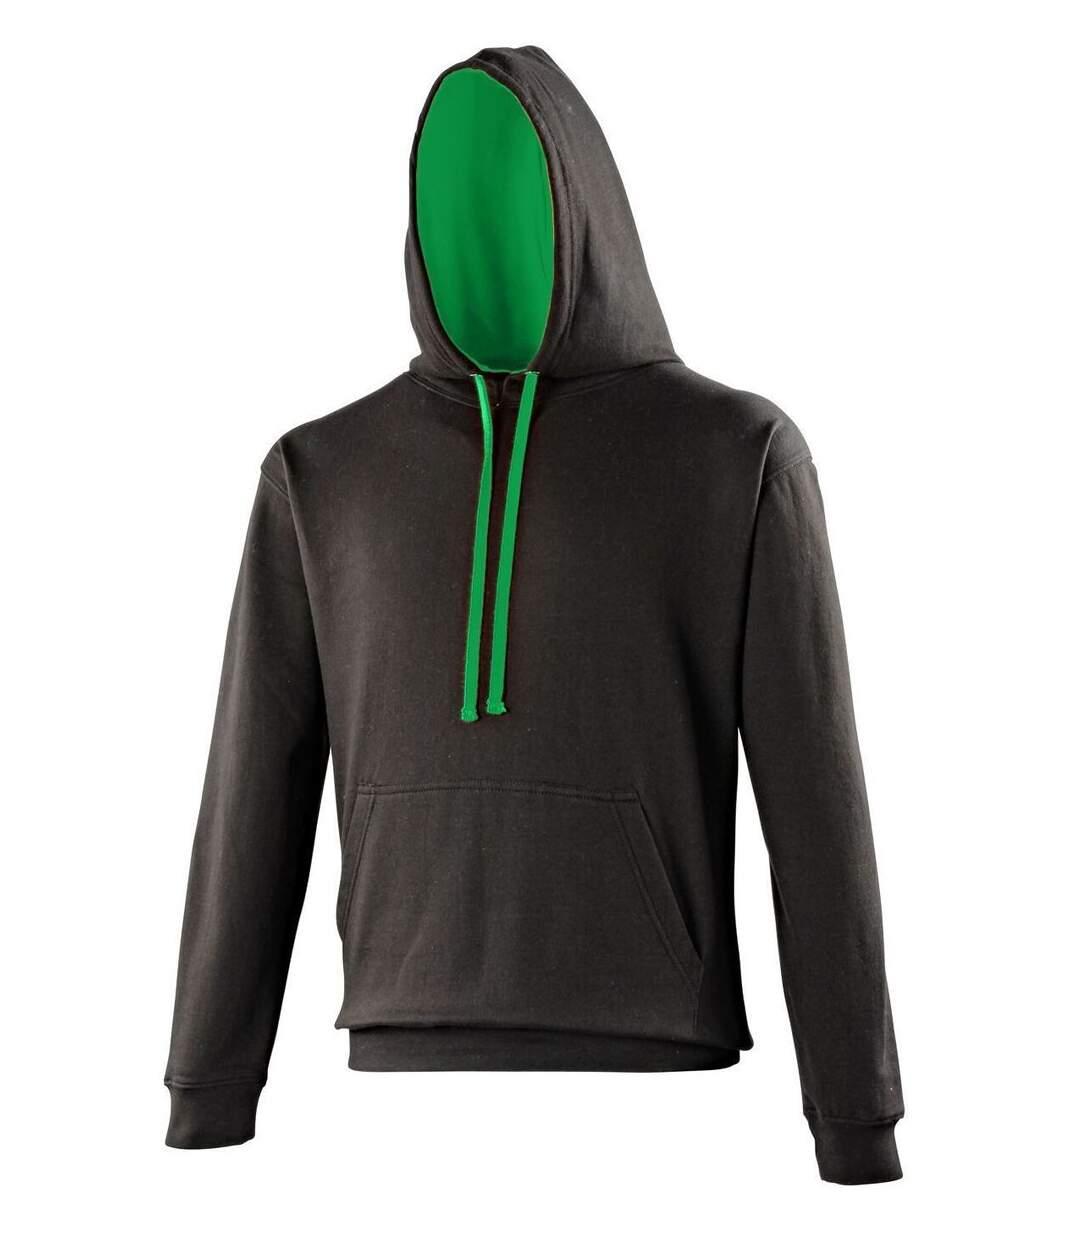 Sweat à capuche contrastée unisexe - JH003 - noir et vert kelly